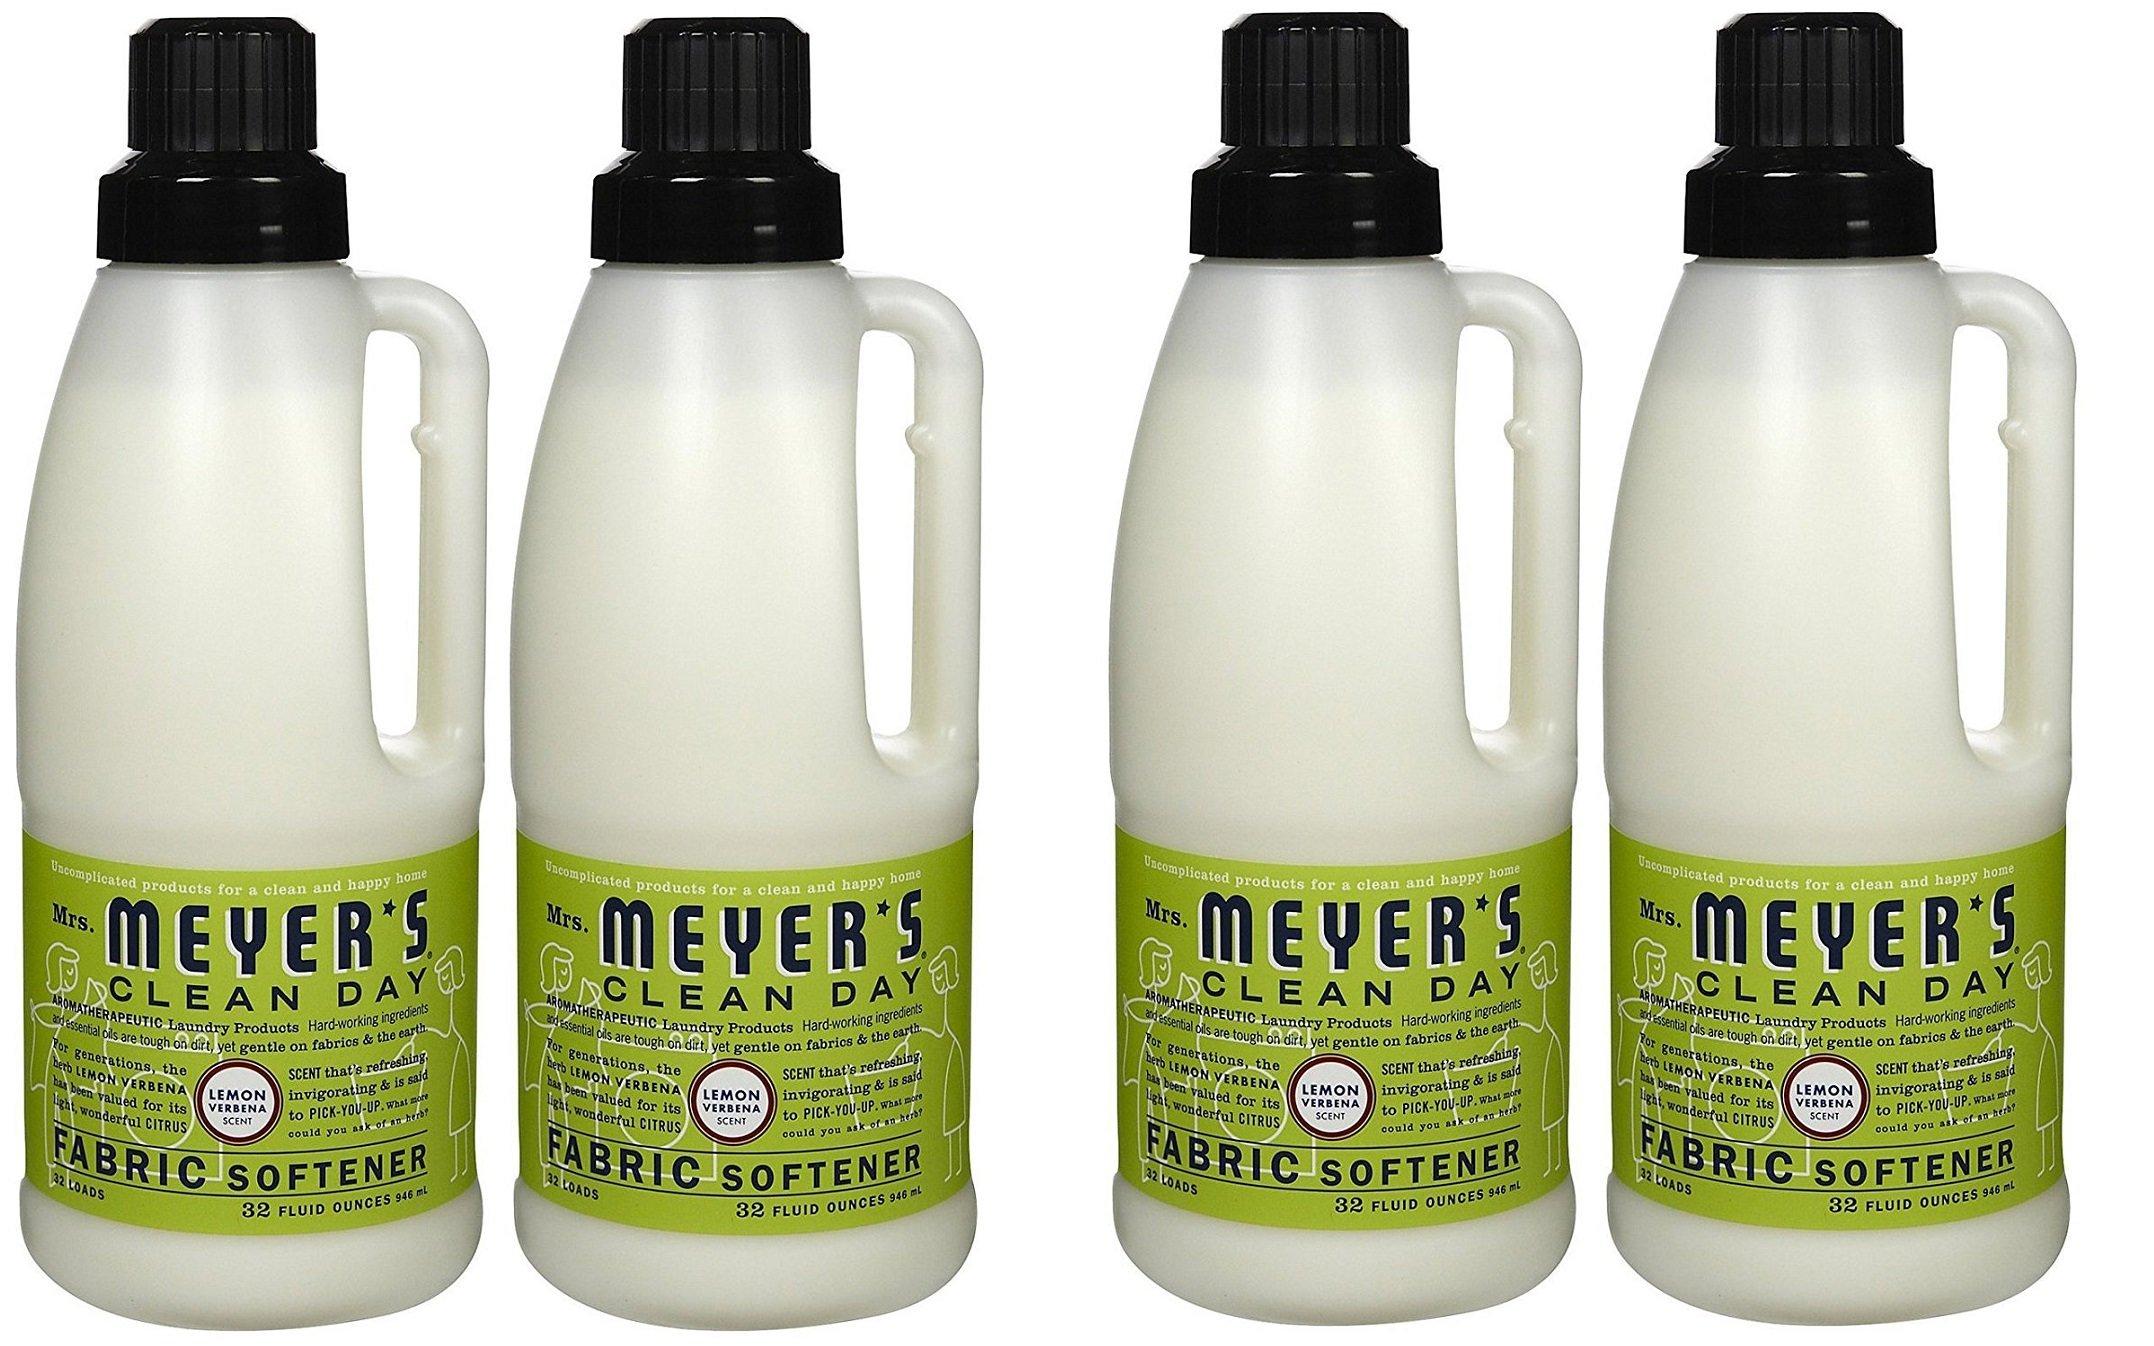 Fabric Softener - 4 Bottles (Lemon Verbena) (32 Oz)